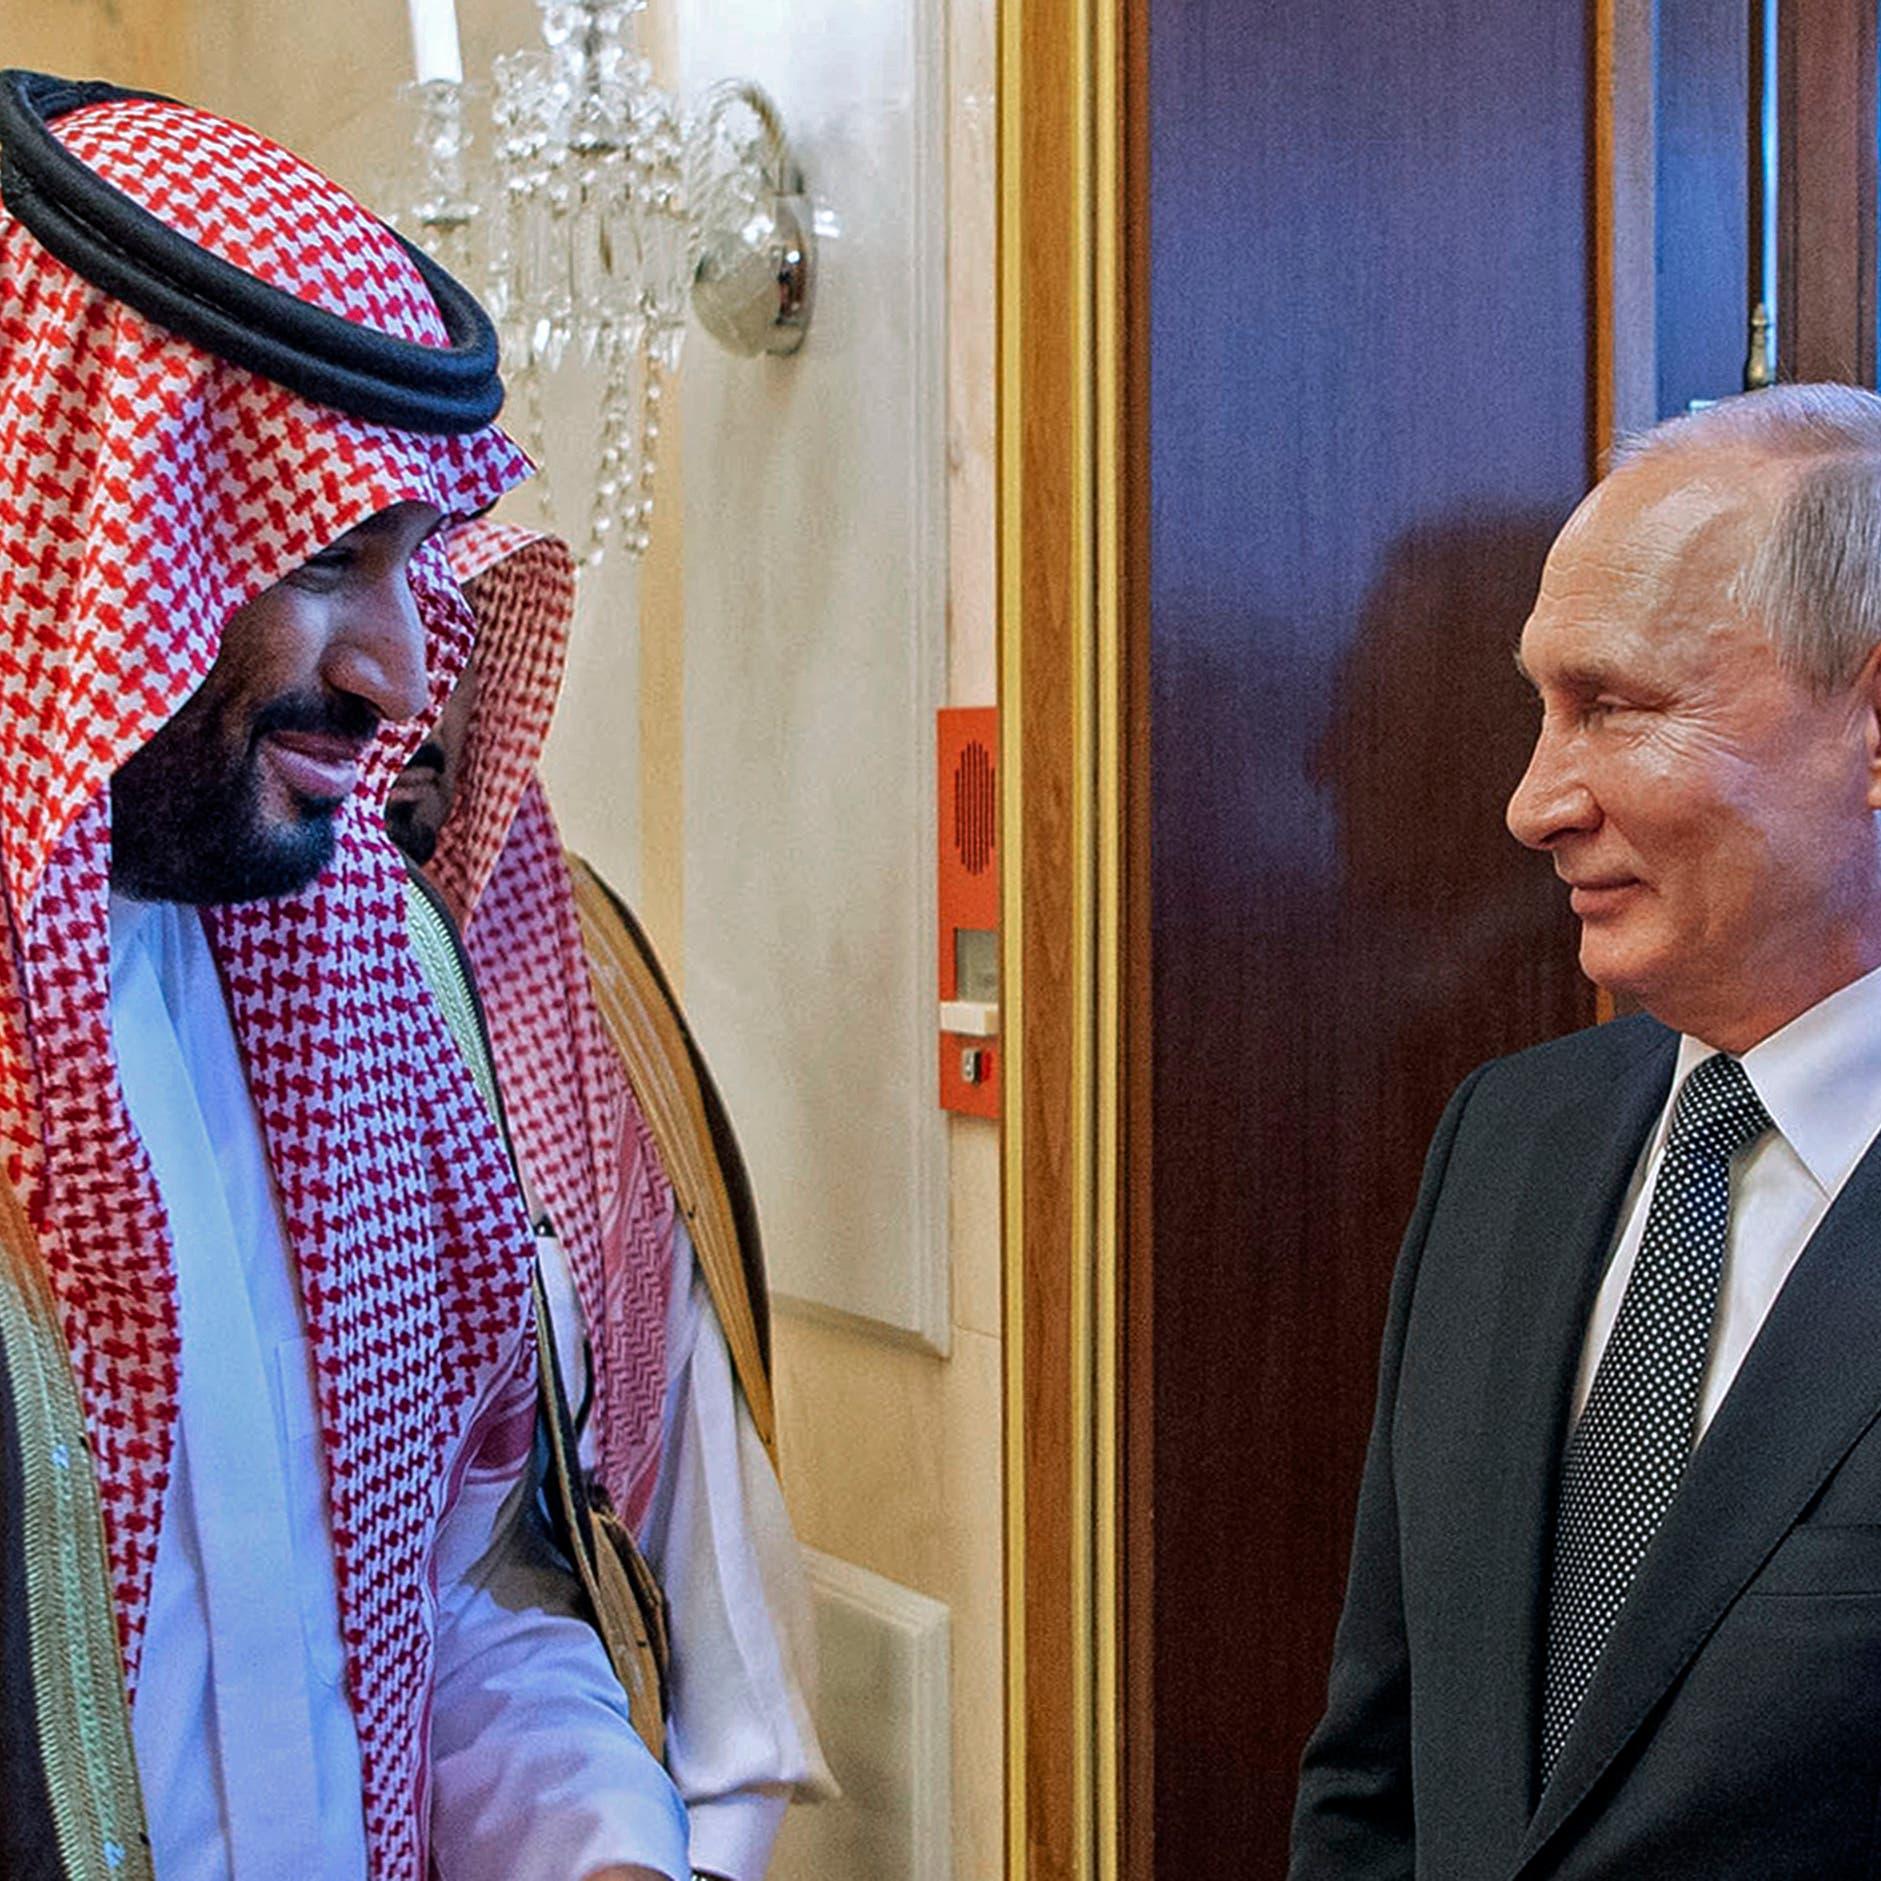 الكرملين: نؤيد نهج ولي العهد السعودي بالقضايا العالمية